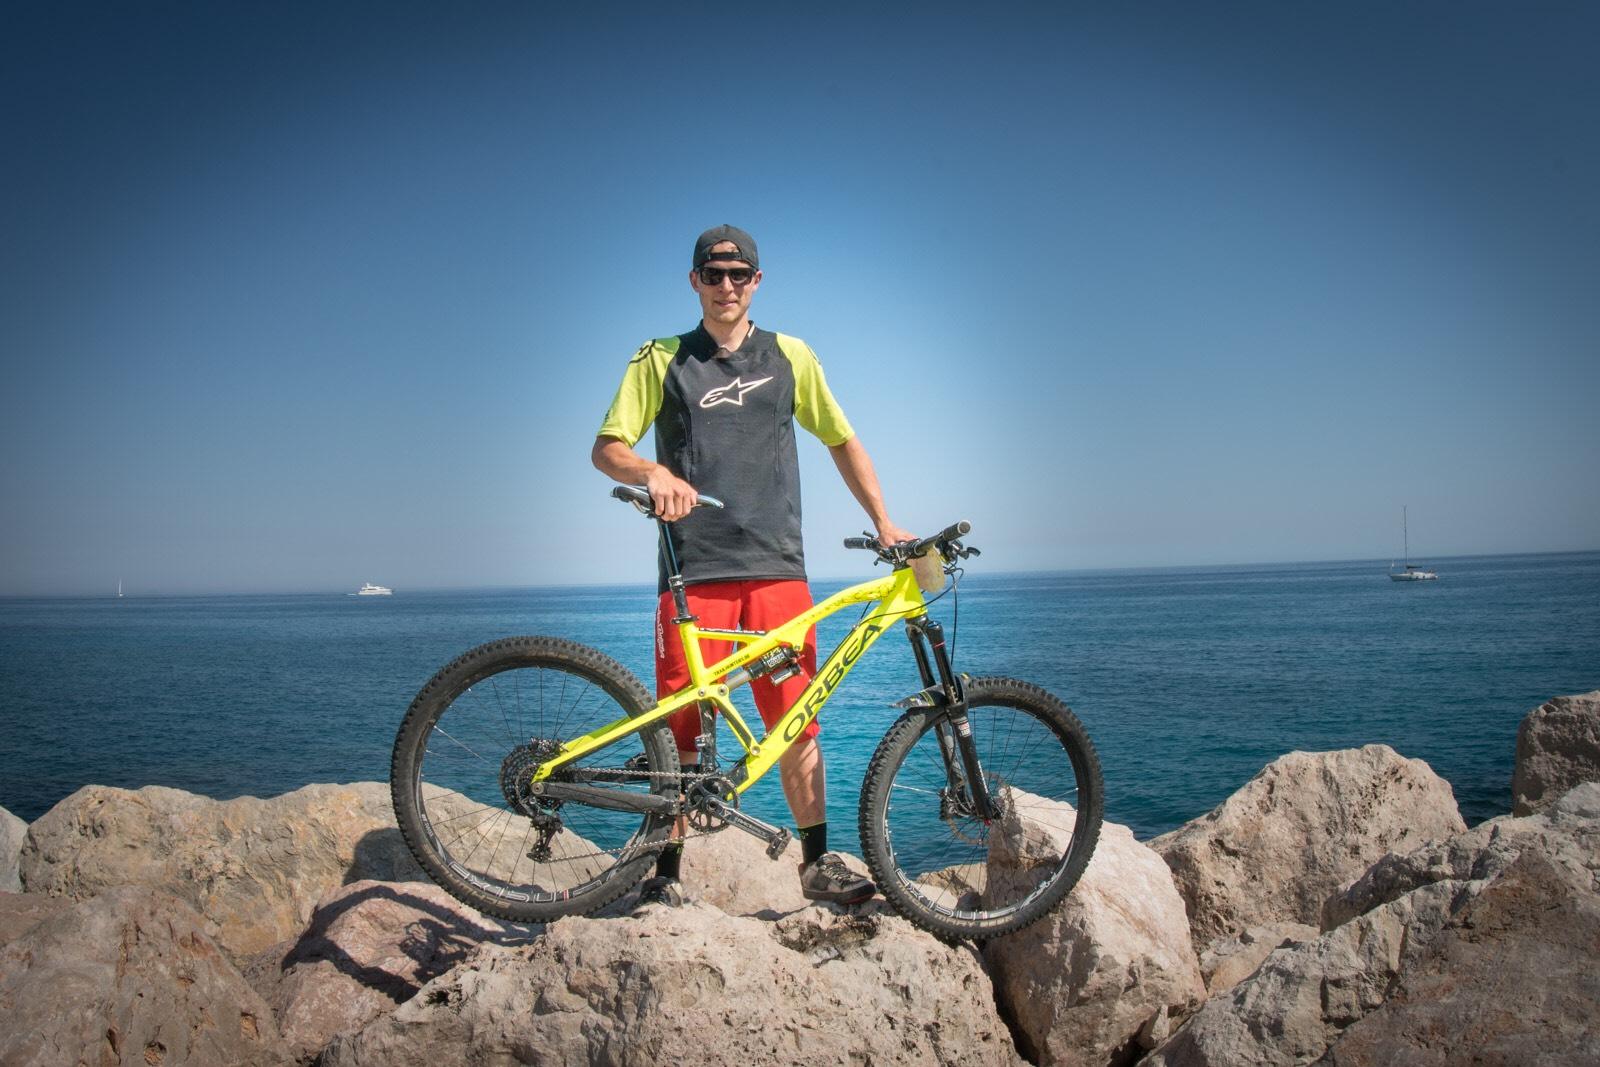 Job Bokmans staat met zijn Orbep op een stapel grote stenen voor de zee